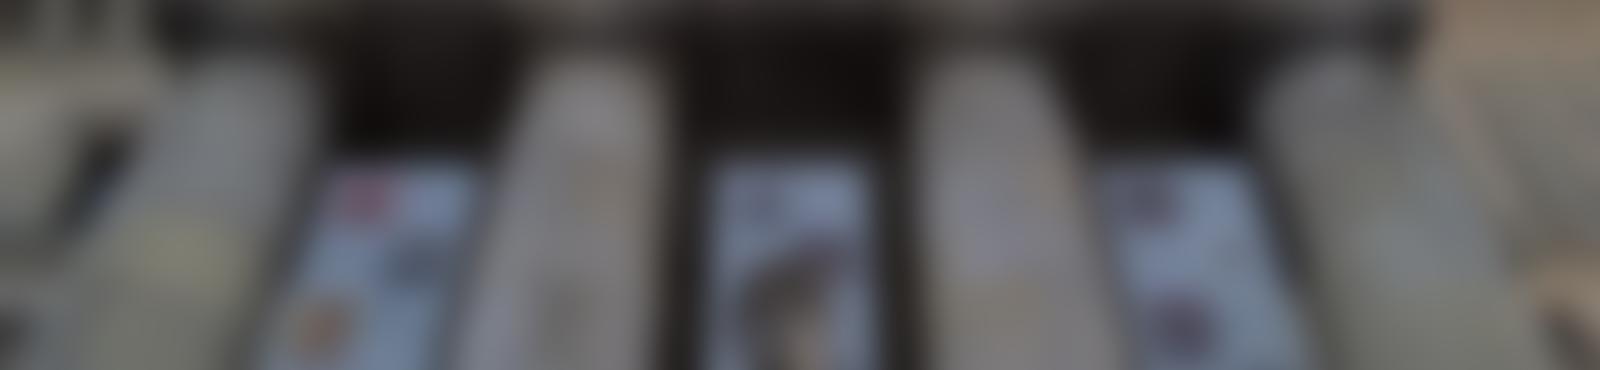 Blurred e286cfbd e9cf 4acb ab40 2bababc91159